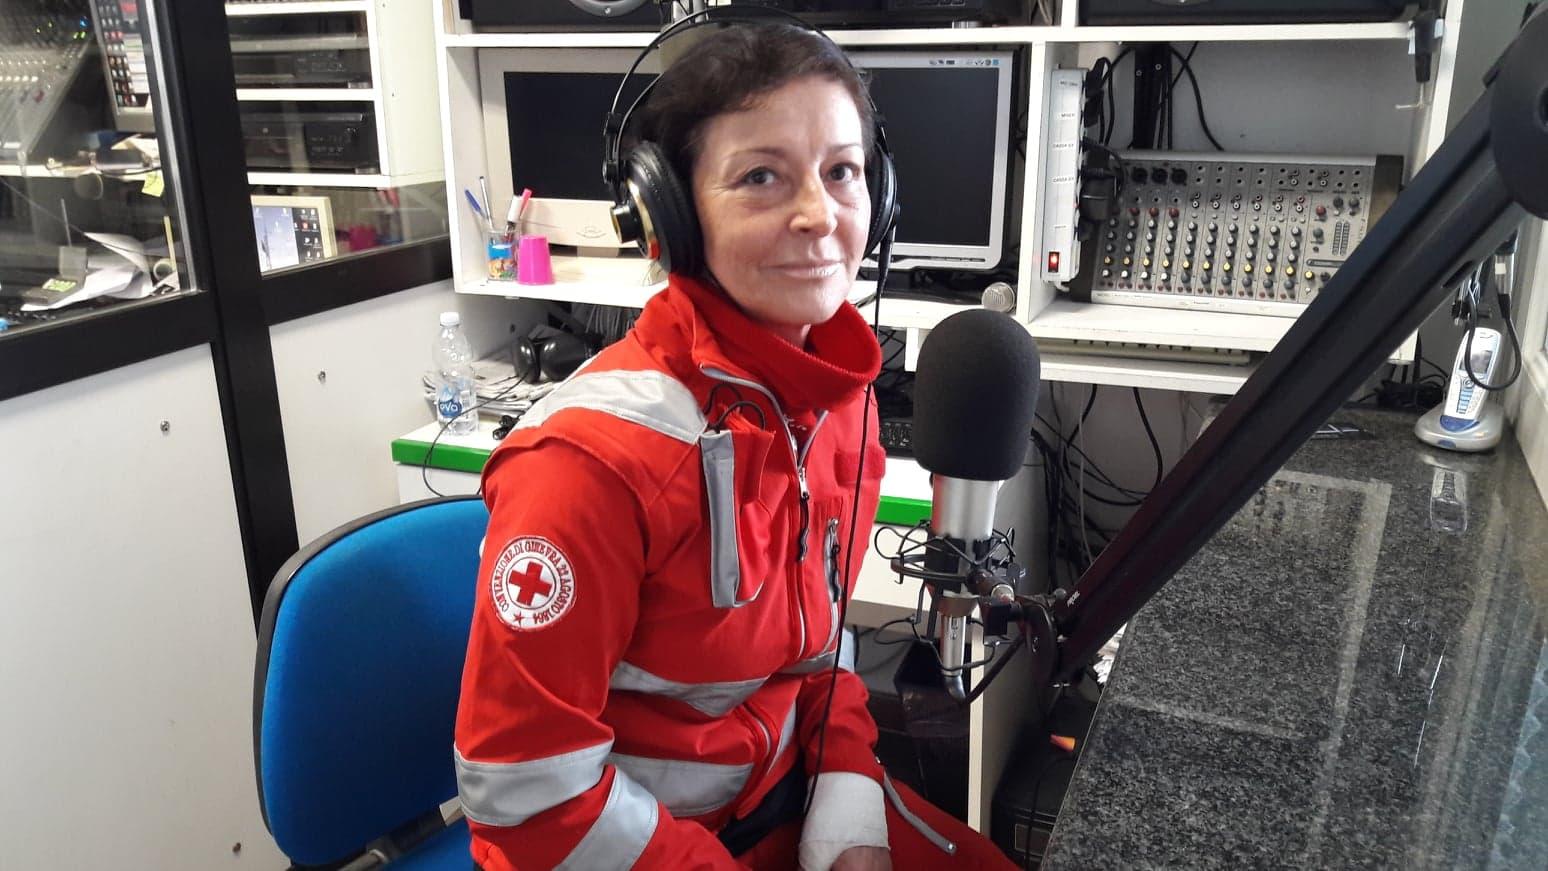 Croce Rossa-Comitato di Susa: la corretta chiamata